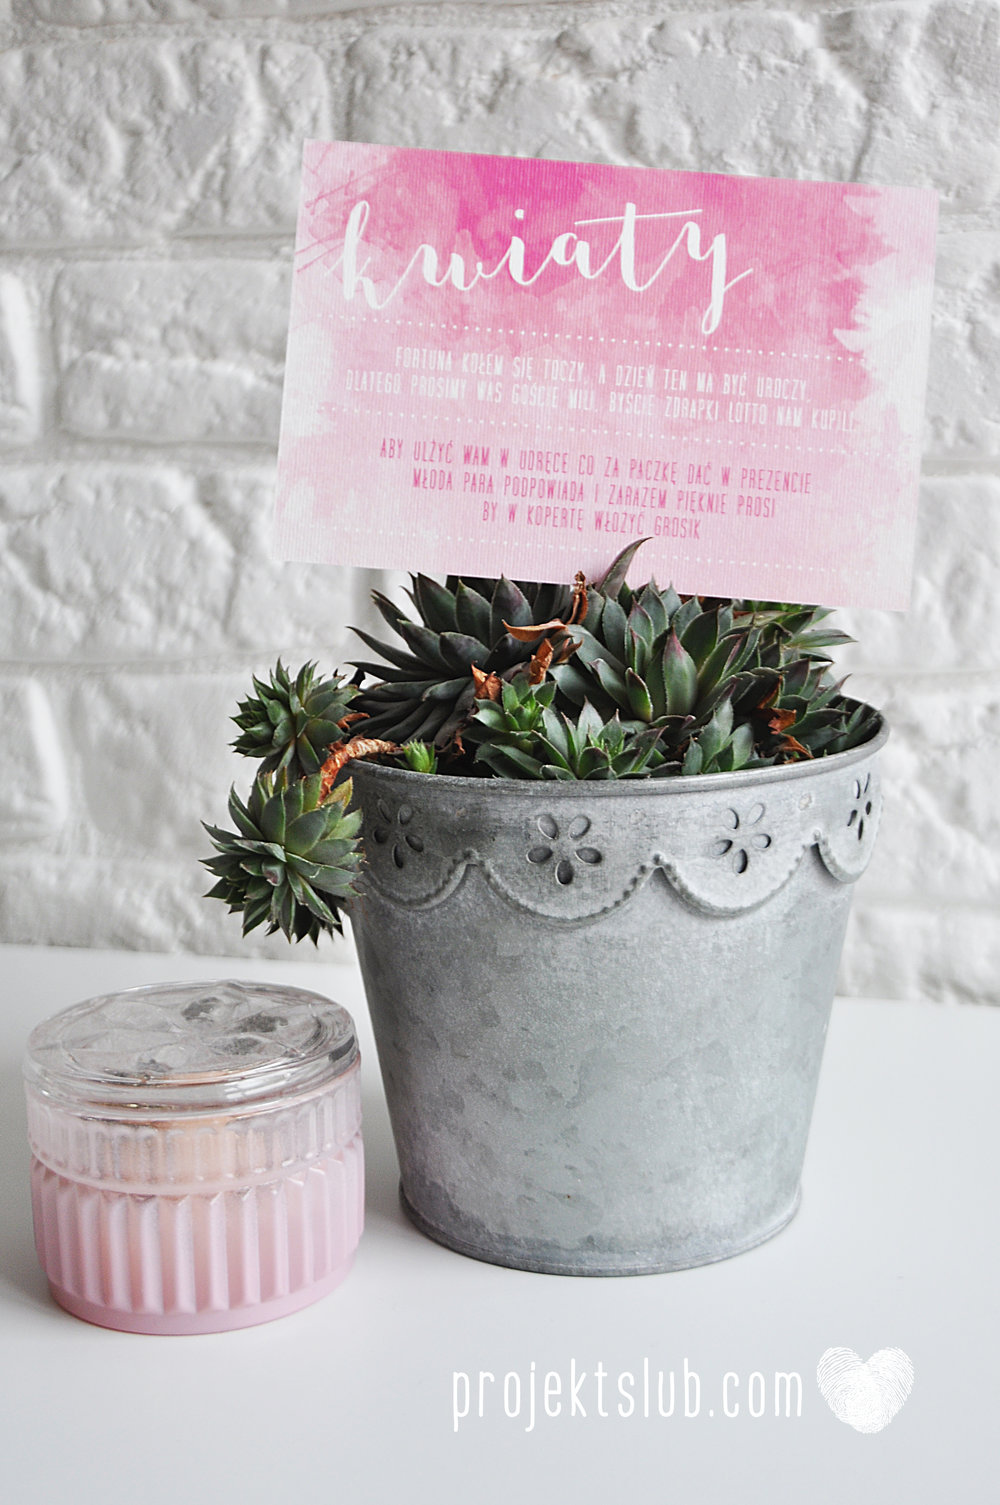 Zaproszenia Ślubne Boho Rustic Eko Oryginalne Wyjątkowe Rustykalne Sznurek Akwarelowe Róż Ombre Projekt Ślub (1).jpg